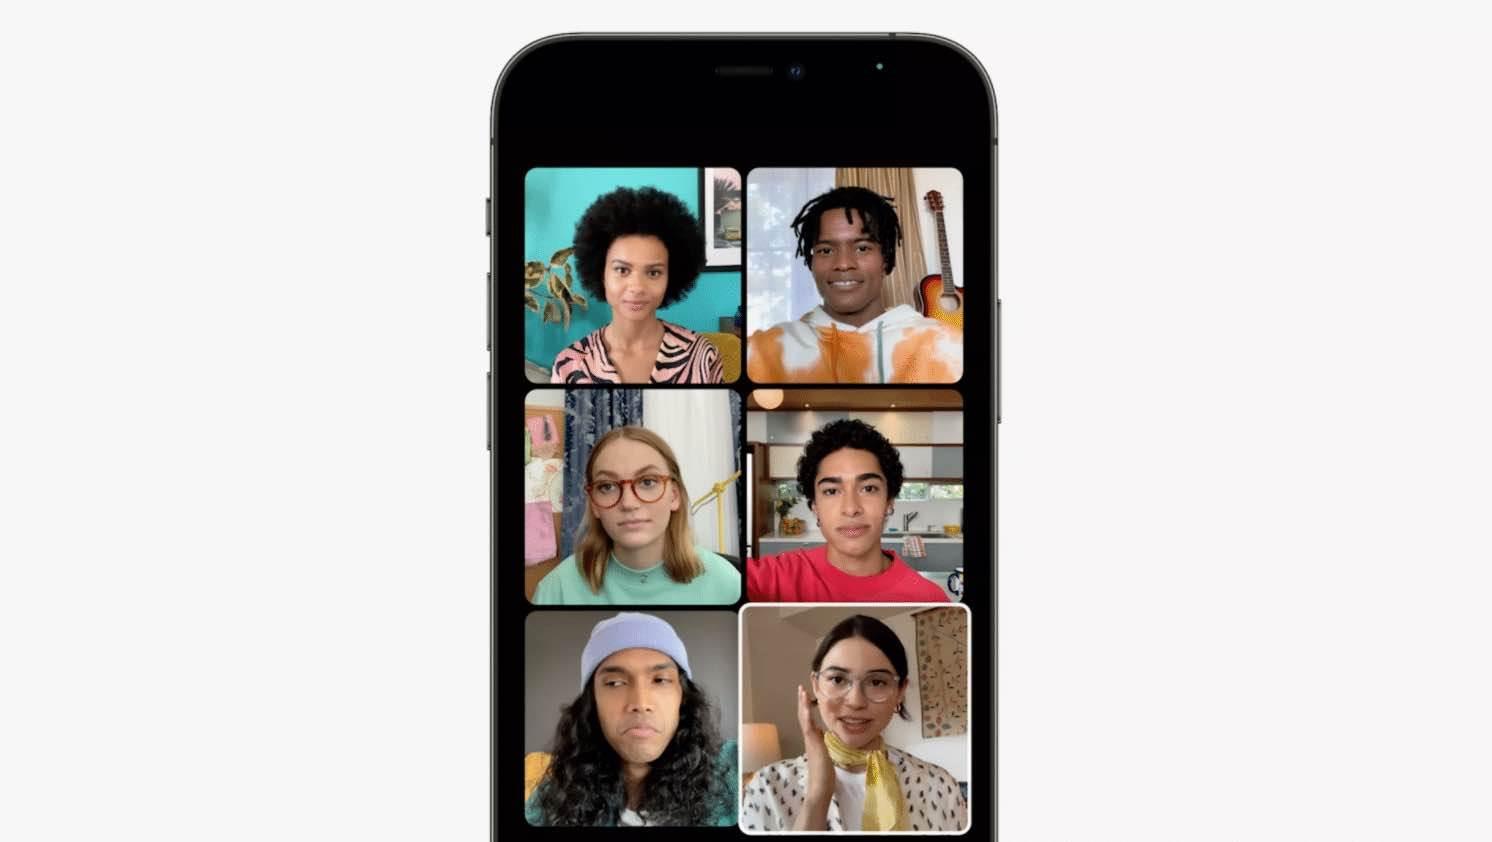 Wszystkie nowe funkcje FaceTime w systemie iOS 15 podcast, ciekawostki nowości w FaceTime, iOS 15, FaceTime, co nowego w FaceTime  Apple wprowadziło kilka poważnych ulepszeń do FaceTime w iOS 15. Nie powinno to dziwić, biorąc pod uwagę wzrost popularności usług połączeń wideo w ciągu ostatniego roku lub dwóch z powodu pandemii. Poniżej przedstawiamy wszystkie nowe funkcje, które pojawią się w FaceTime w iOS 15 na iPhone, iPad i Mac. siatka